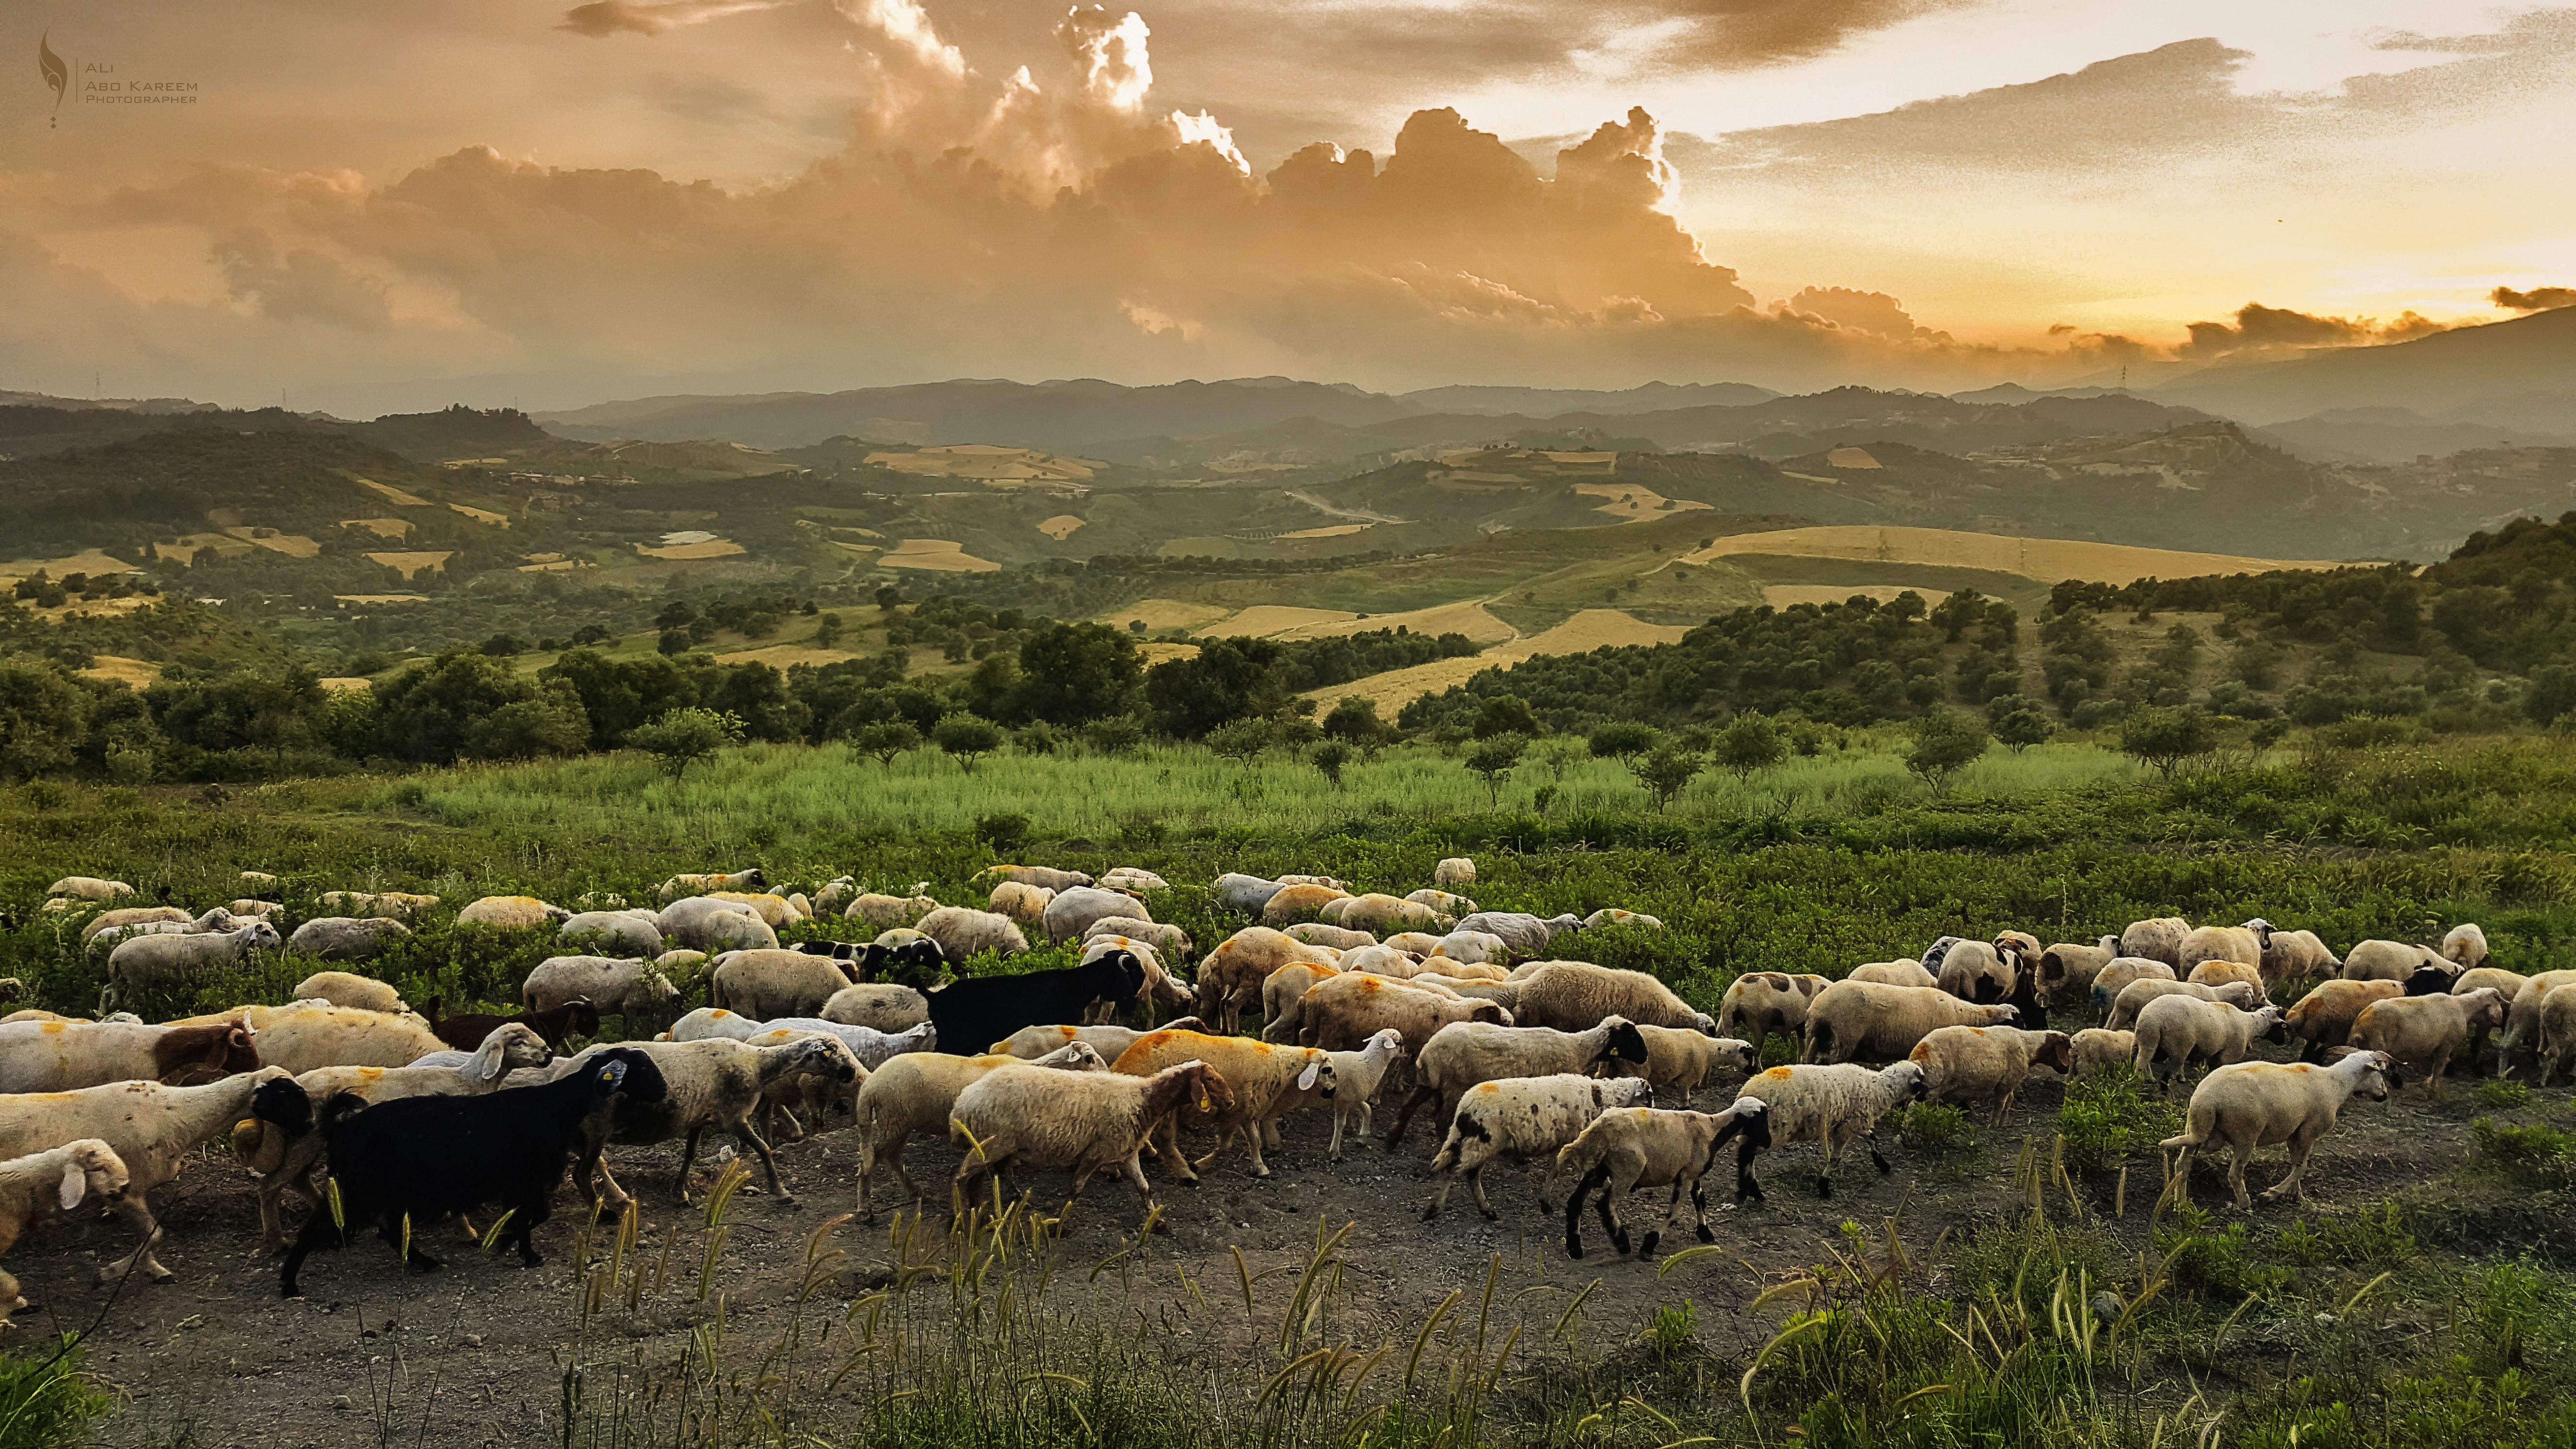 Herdenverhalten, land grabbing